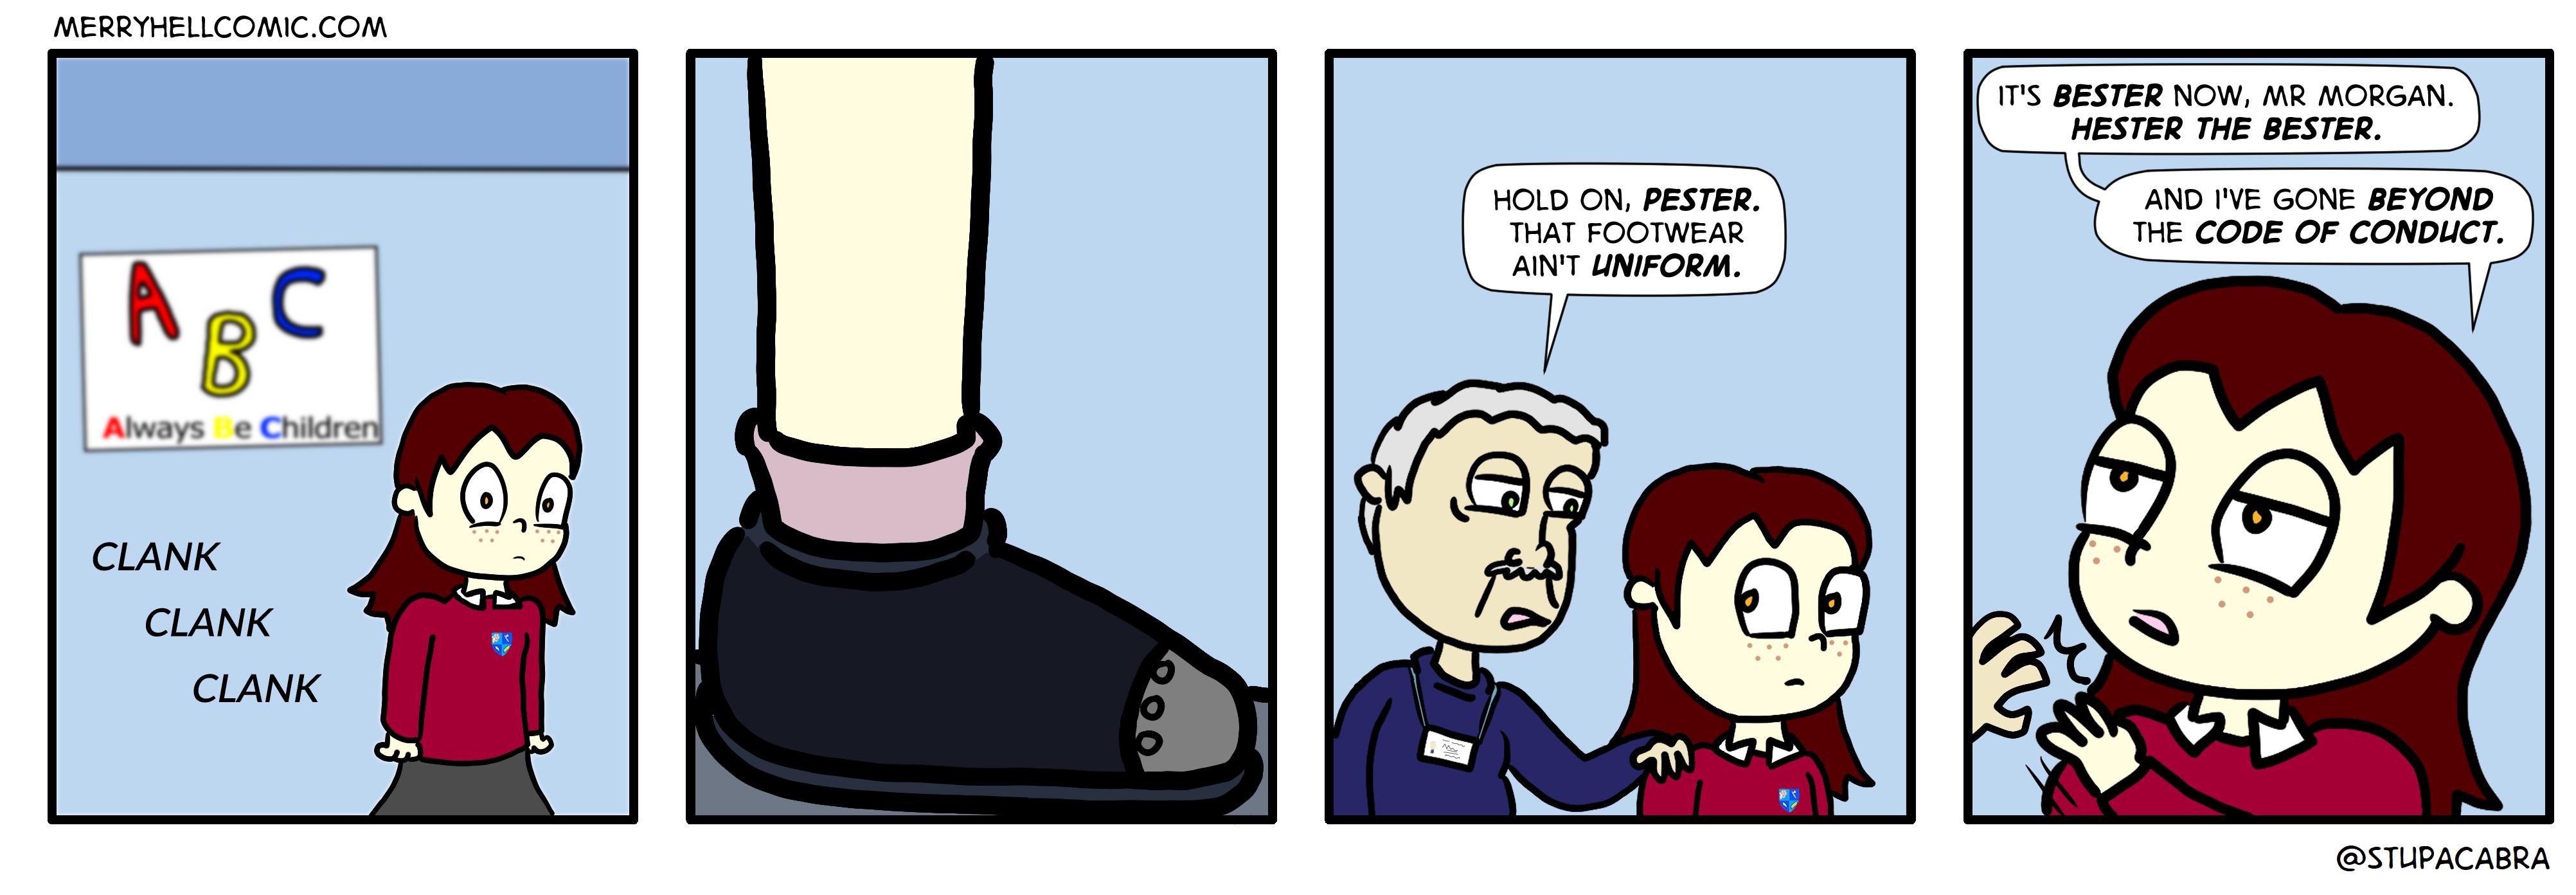 285. Pester